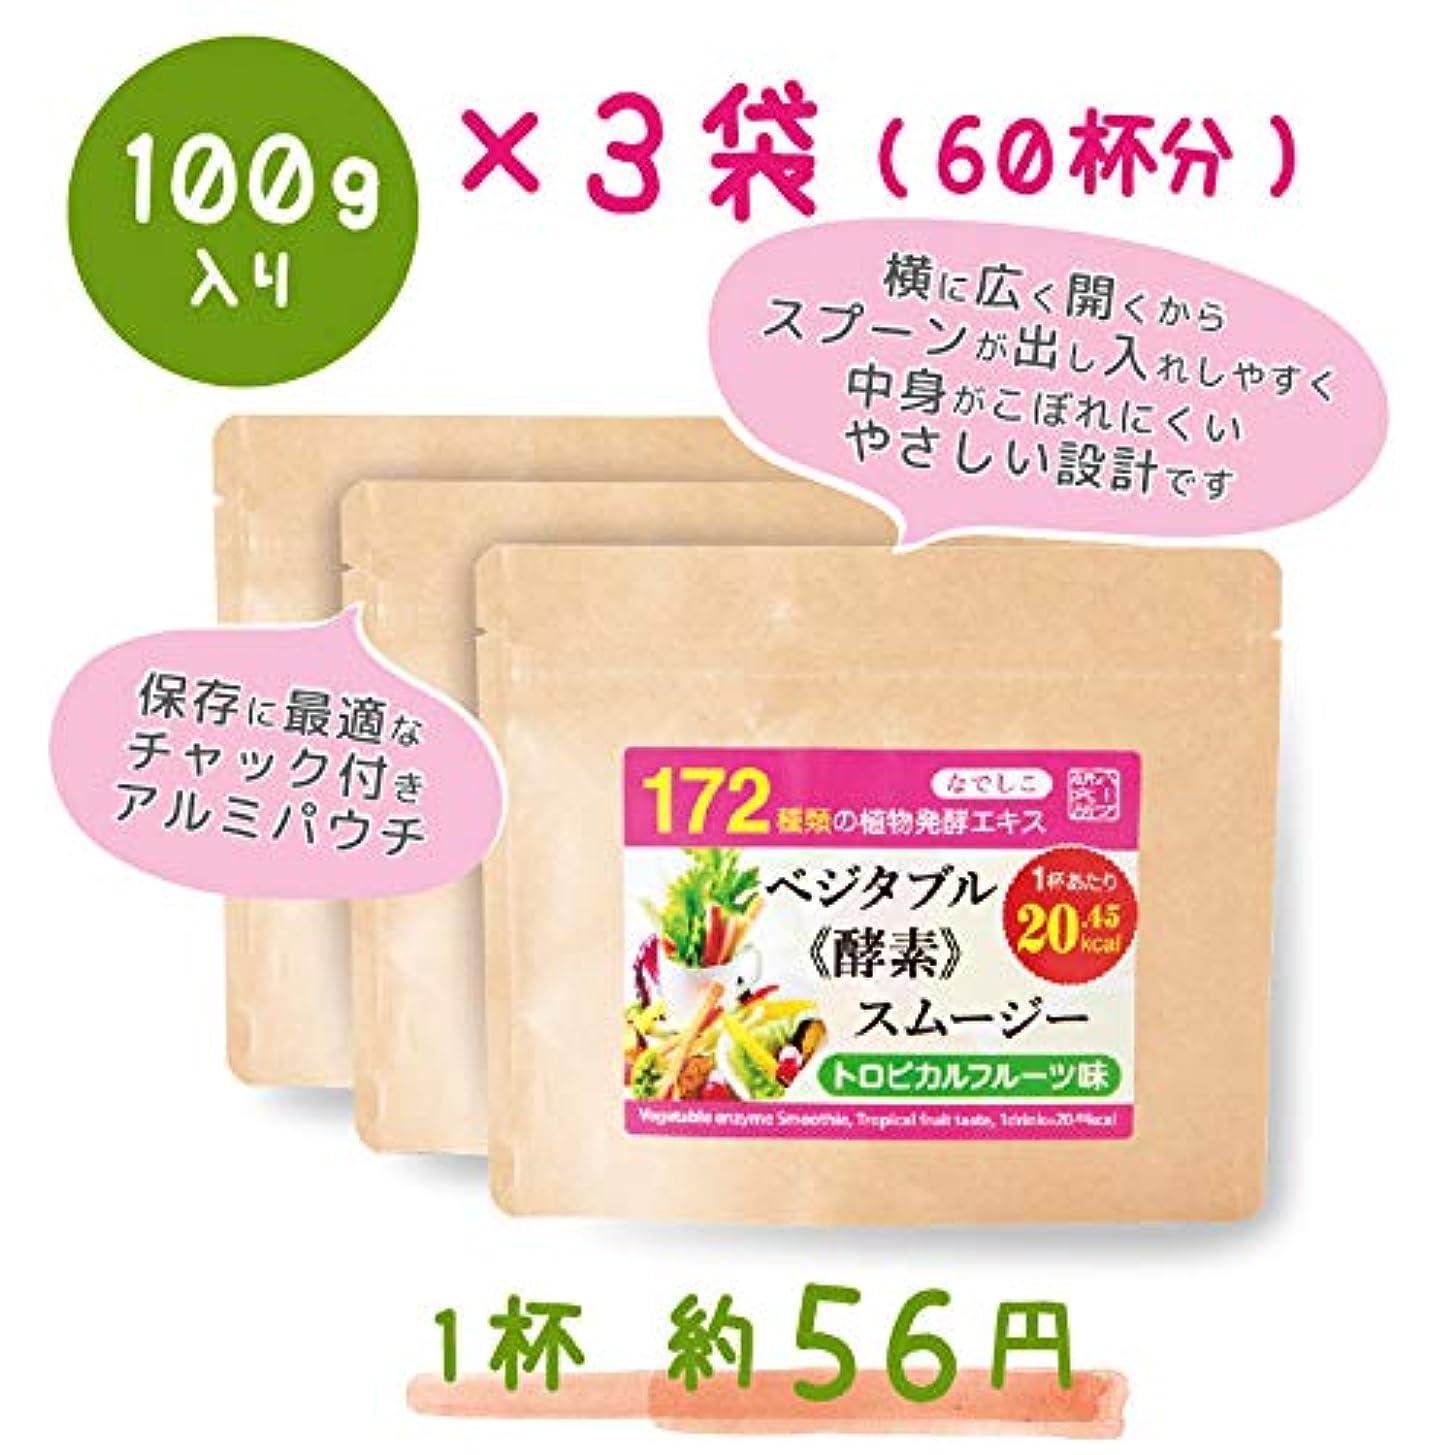 お金ニュージーランド動物なでしこ ベジタブル酵素入り グリーンスムージー(トロピカルフルーツ味)300g (100g×3パック)で20%OFF